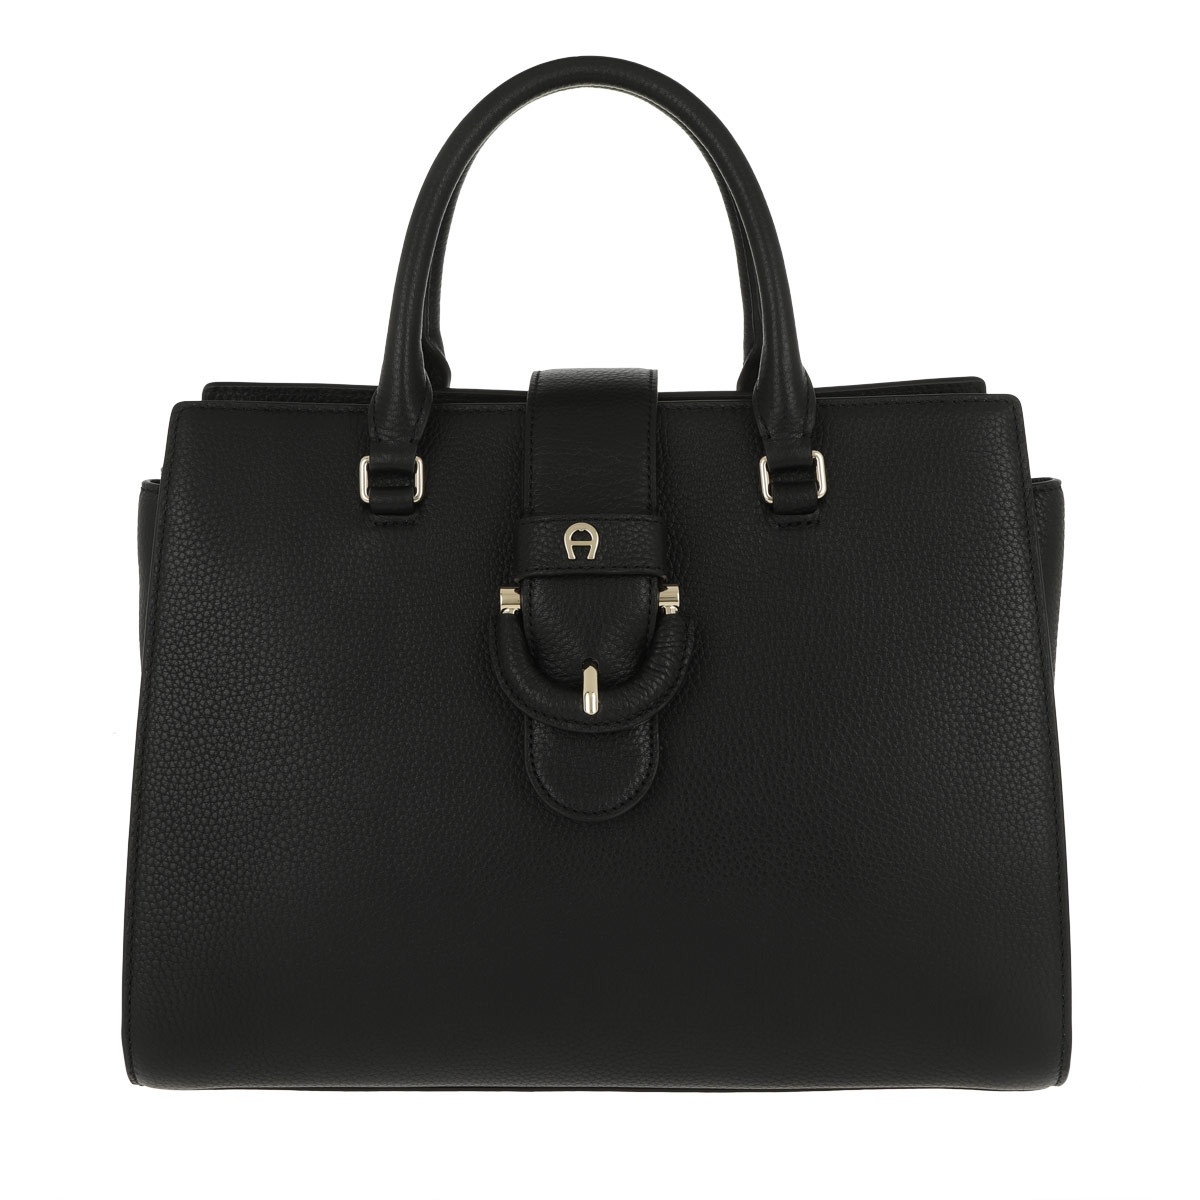 Aigner Umhängetasche - Kira M Handle Bag Black - in schwarz - für Damen